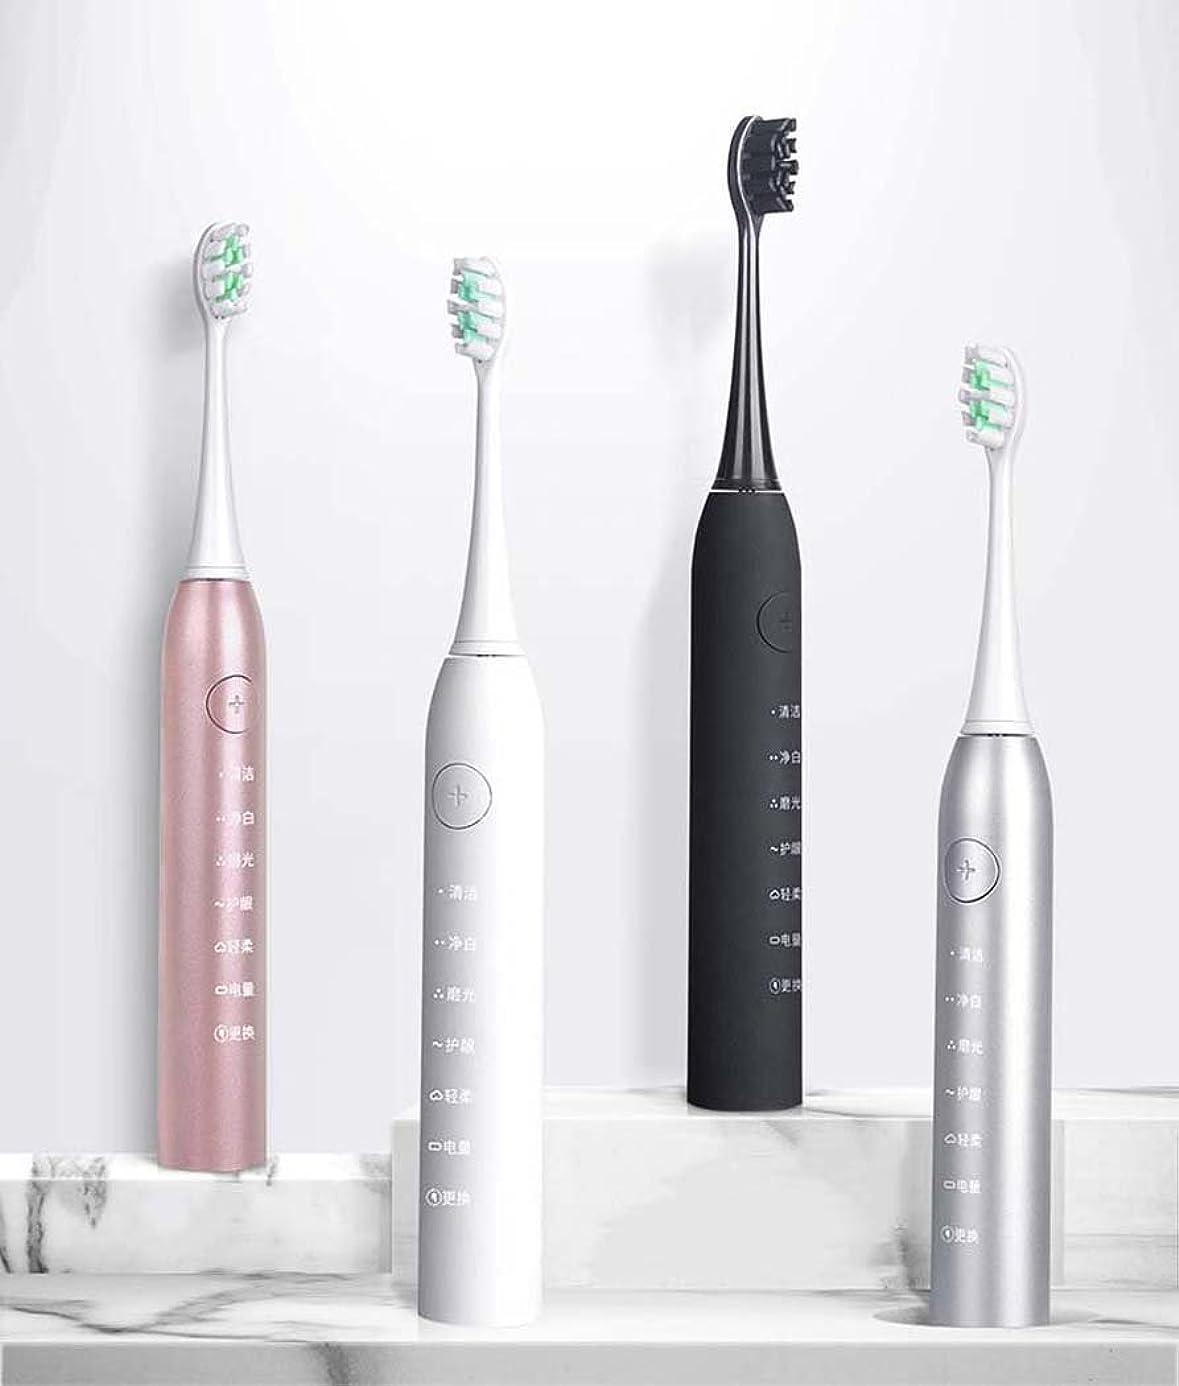 艦隊周囲歌う電動歯ブラシ、トラベルソニック電動歯ブラシ、大人用スマート充電自動歯ブラシ、インテリジェントタイミング、誘導充電(カラー:シルバー)